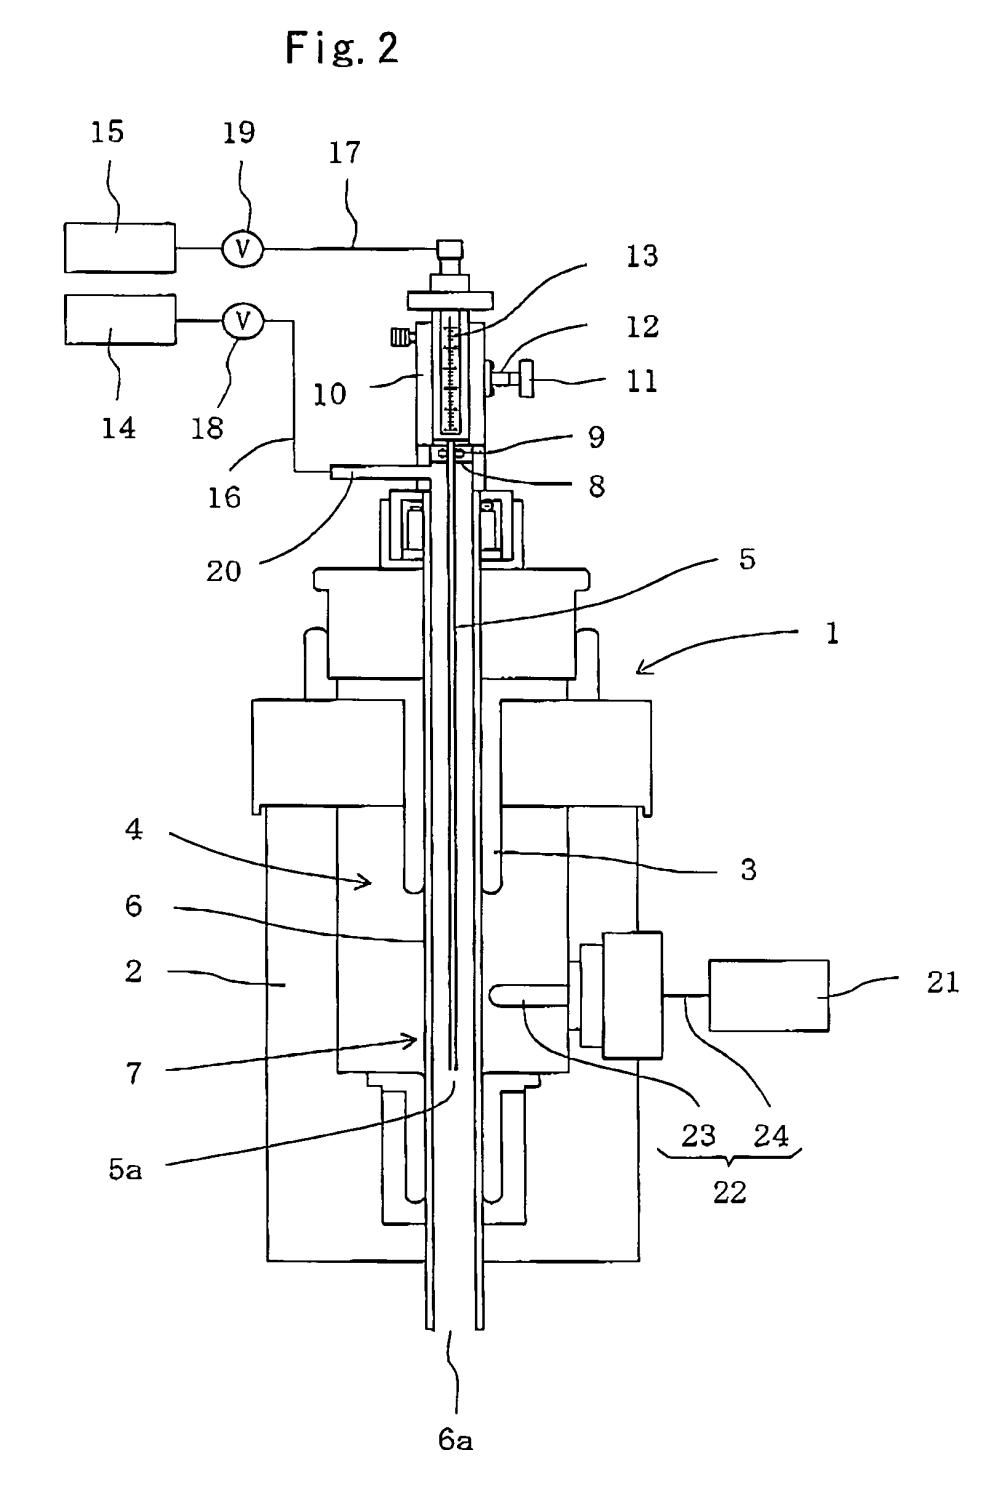 medium resolution of mercruiser thunderbolt 4 wiring diagram wiring diagram mercruiser wiring harness diagram mercruiser thunderbolt 4 wiring diagram